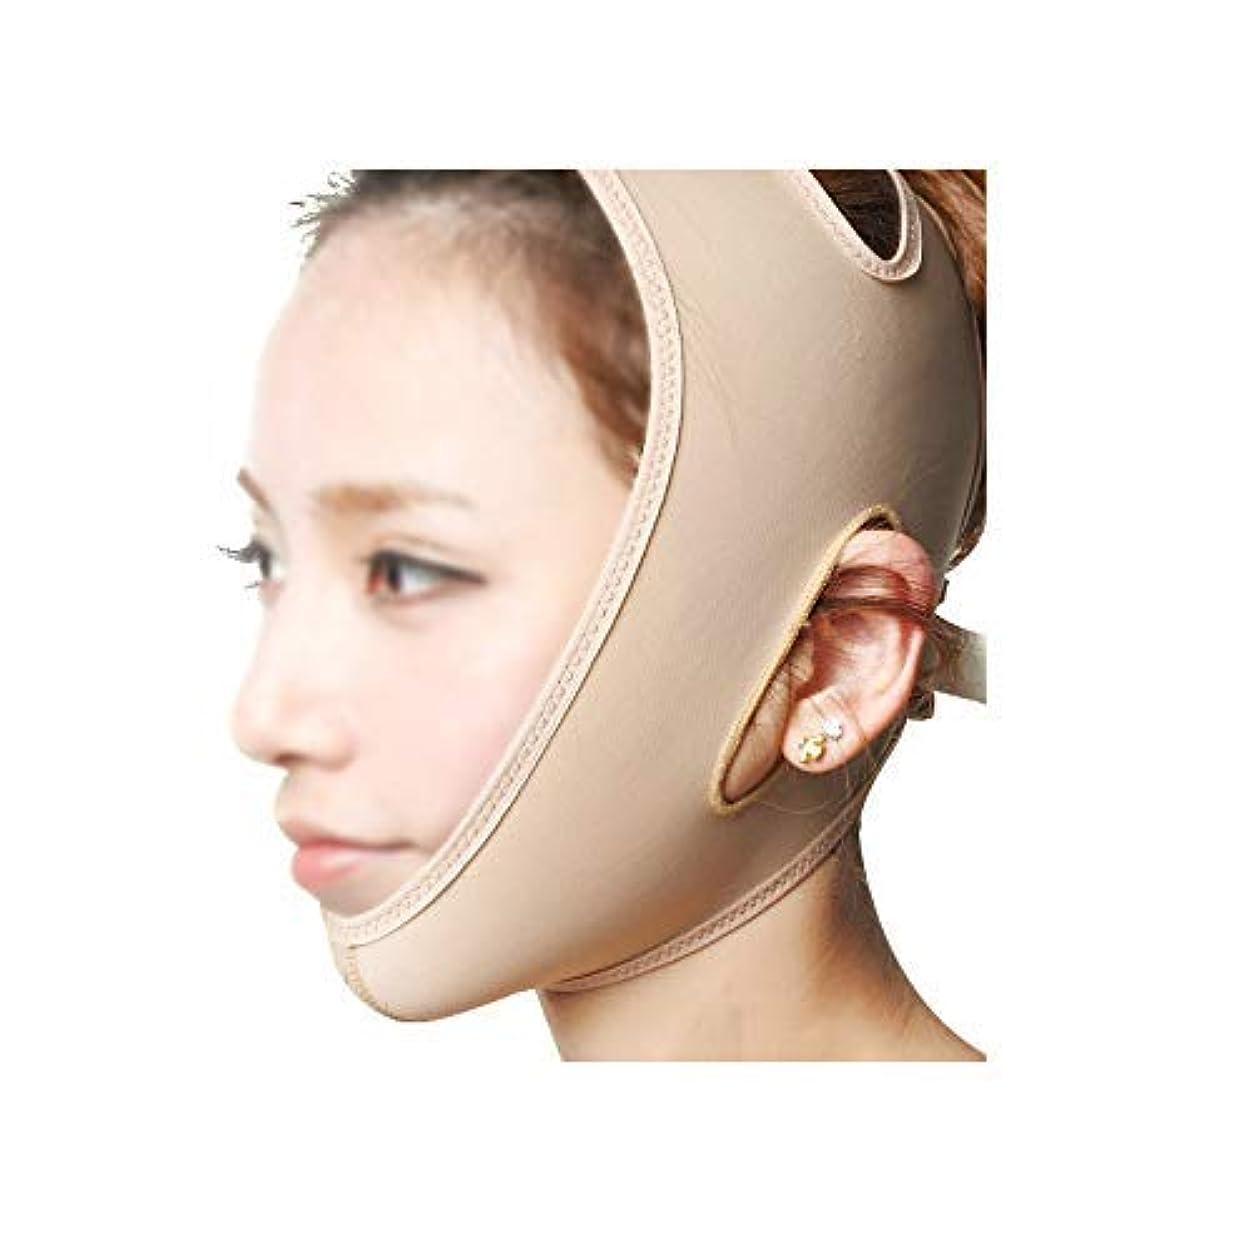 悪魔残り申し立てるフェイスリフティングバンデージ、フェイスマスク3Dパネルデザイン、通気性に優れたライクラ素材の物理的なVフェイス、美しい顔の輪郭の作成(サイズ:S),ザ?